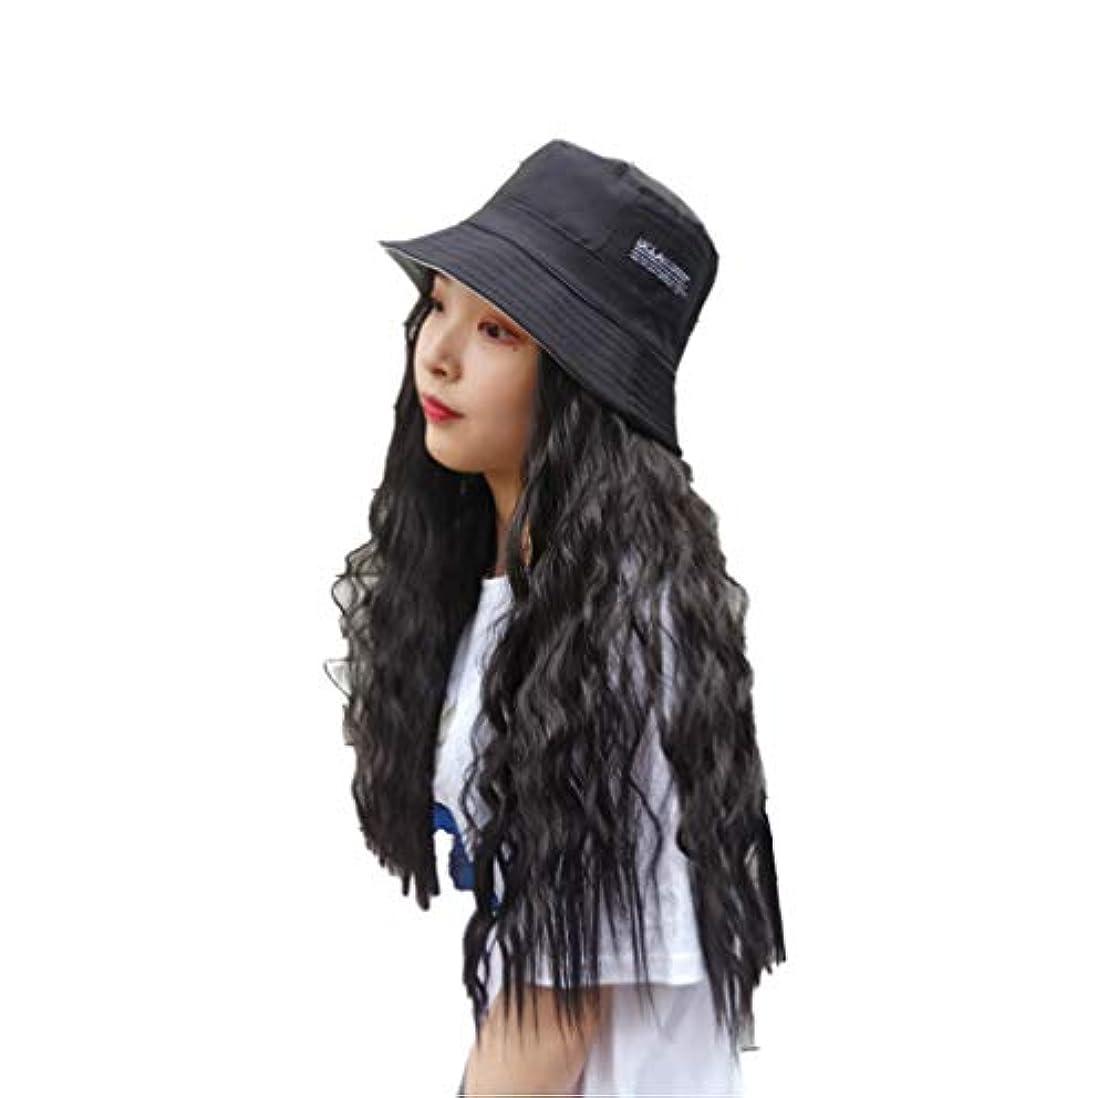 通知ロンドンペナルティ女性野球キャップヘアエクステンションコーンウェーブヘアエクステンション付きブラックハット付き天然人工毛日常用65cm